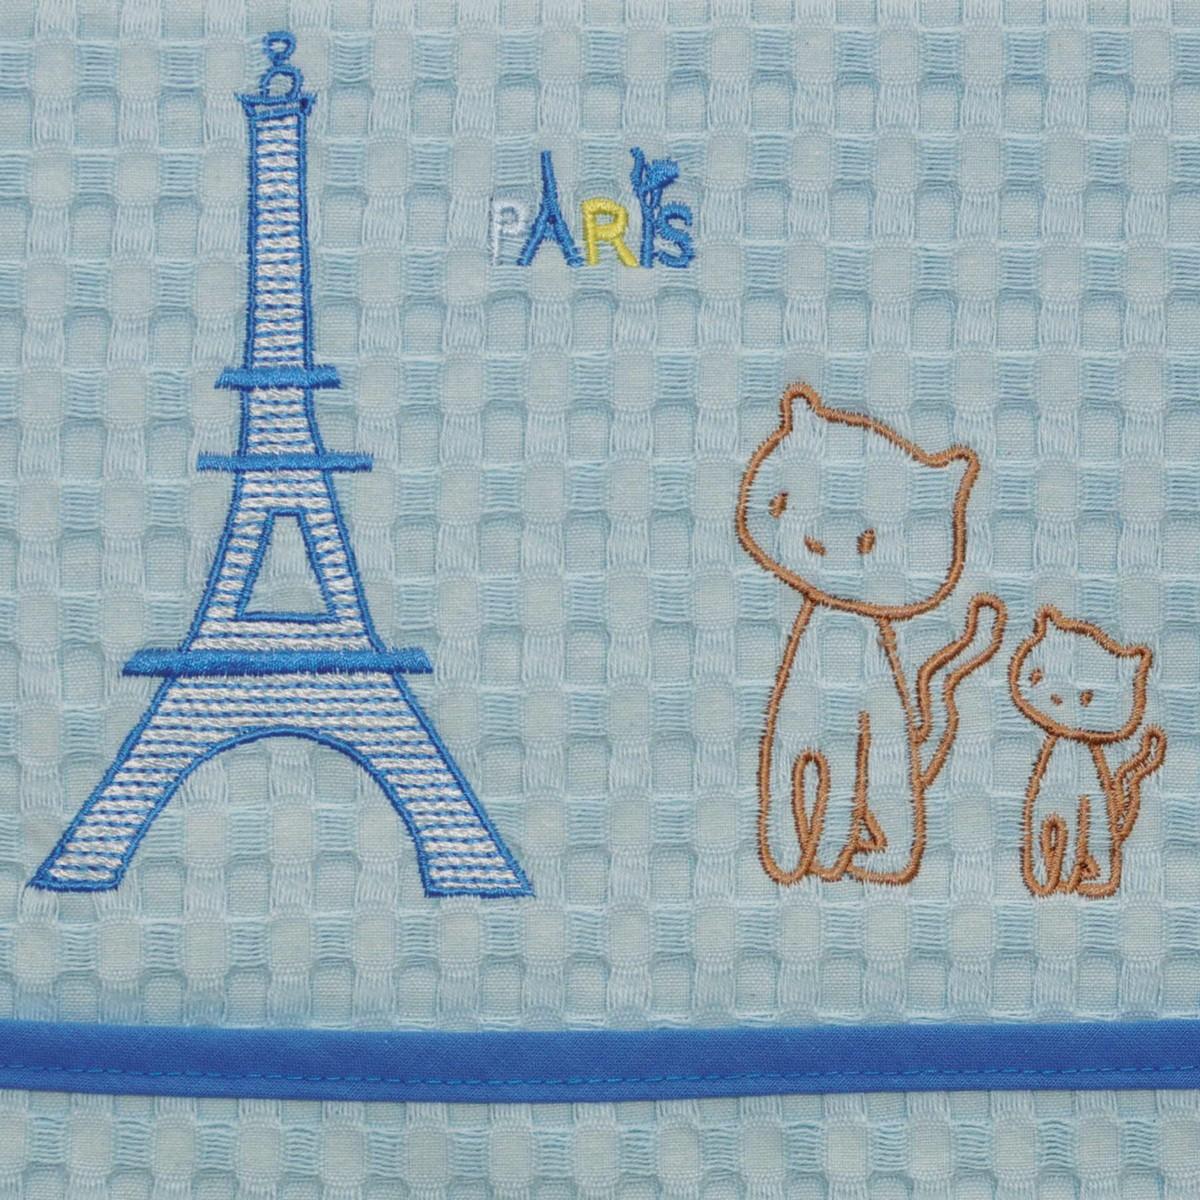 Κουβέρτα Πικέ Αγκαλιάς Morven Paris Blue home   βρεφικά   κουβέρτες βρεφικές   κουβέρτες καλοκαιρινές